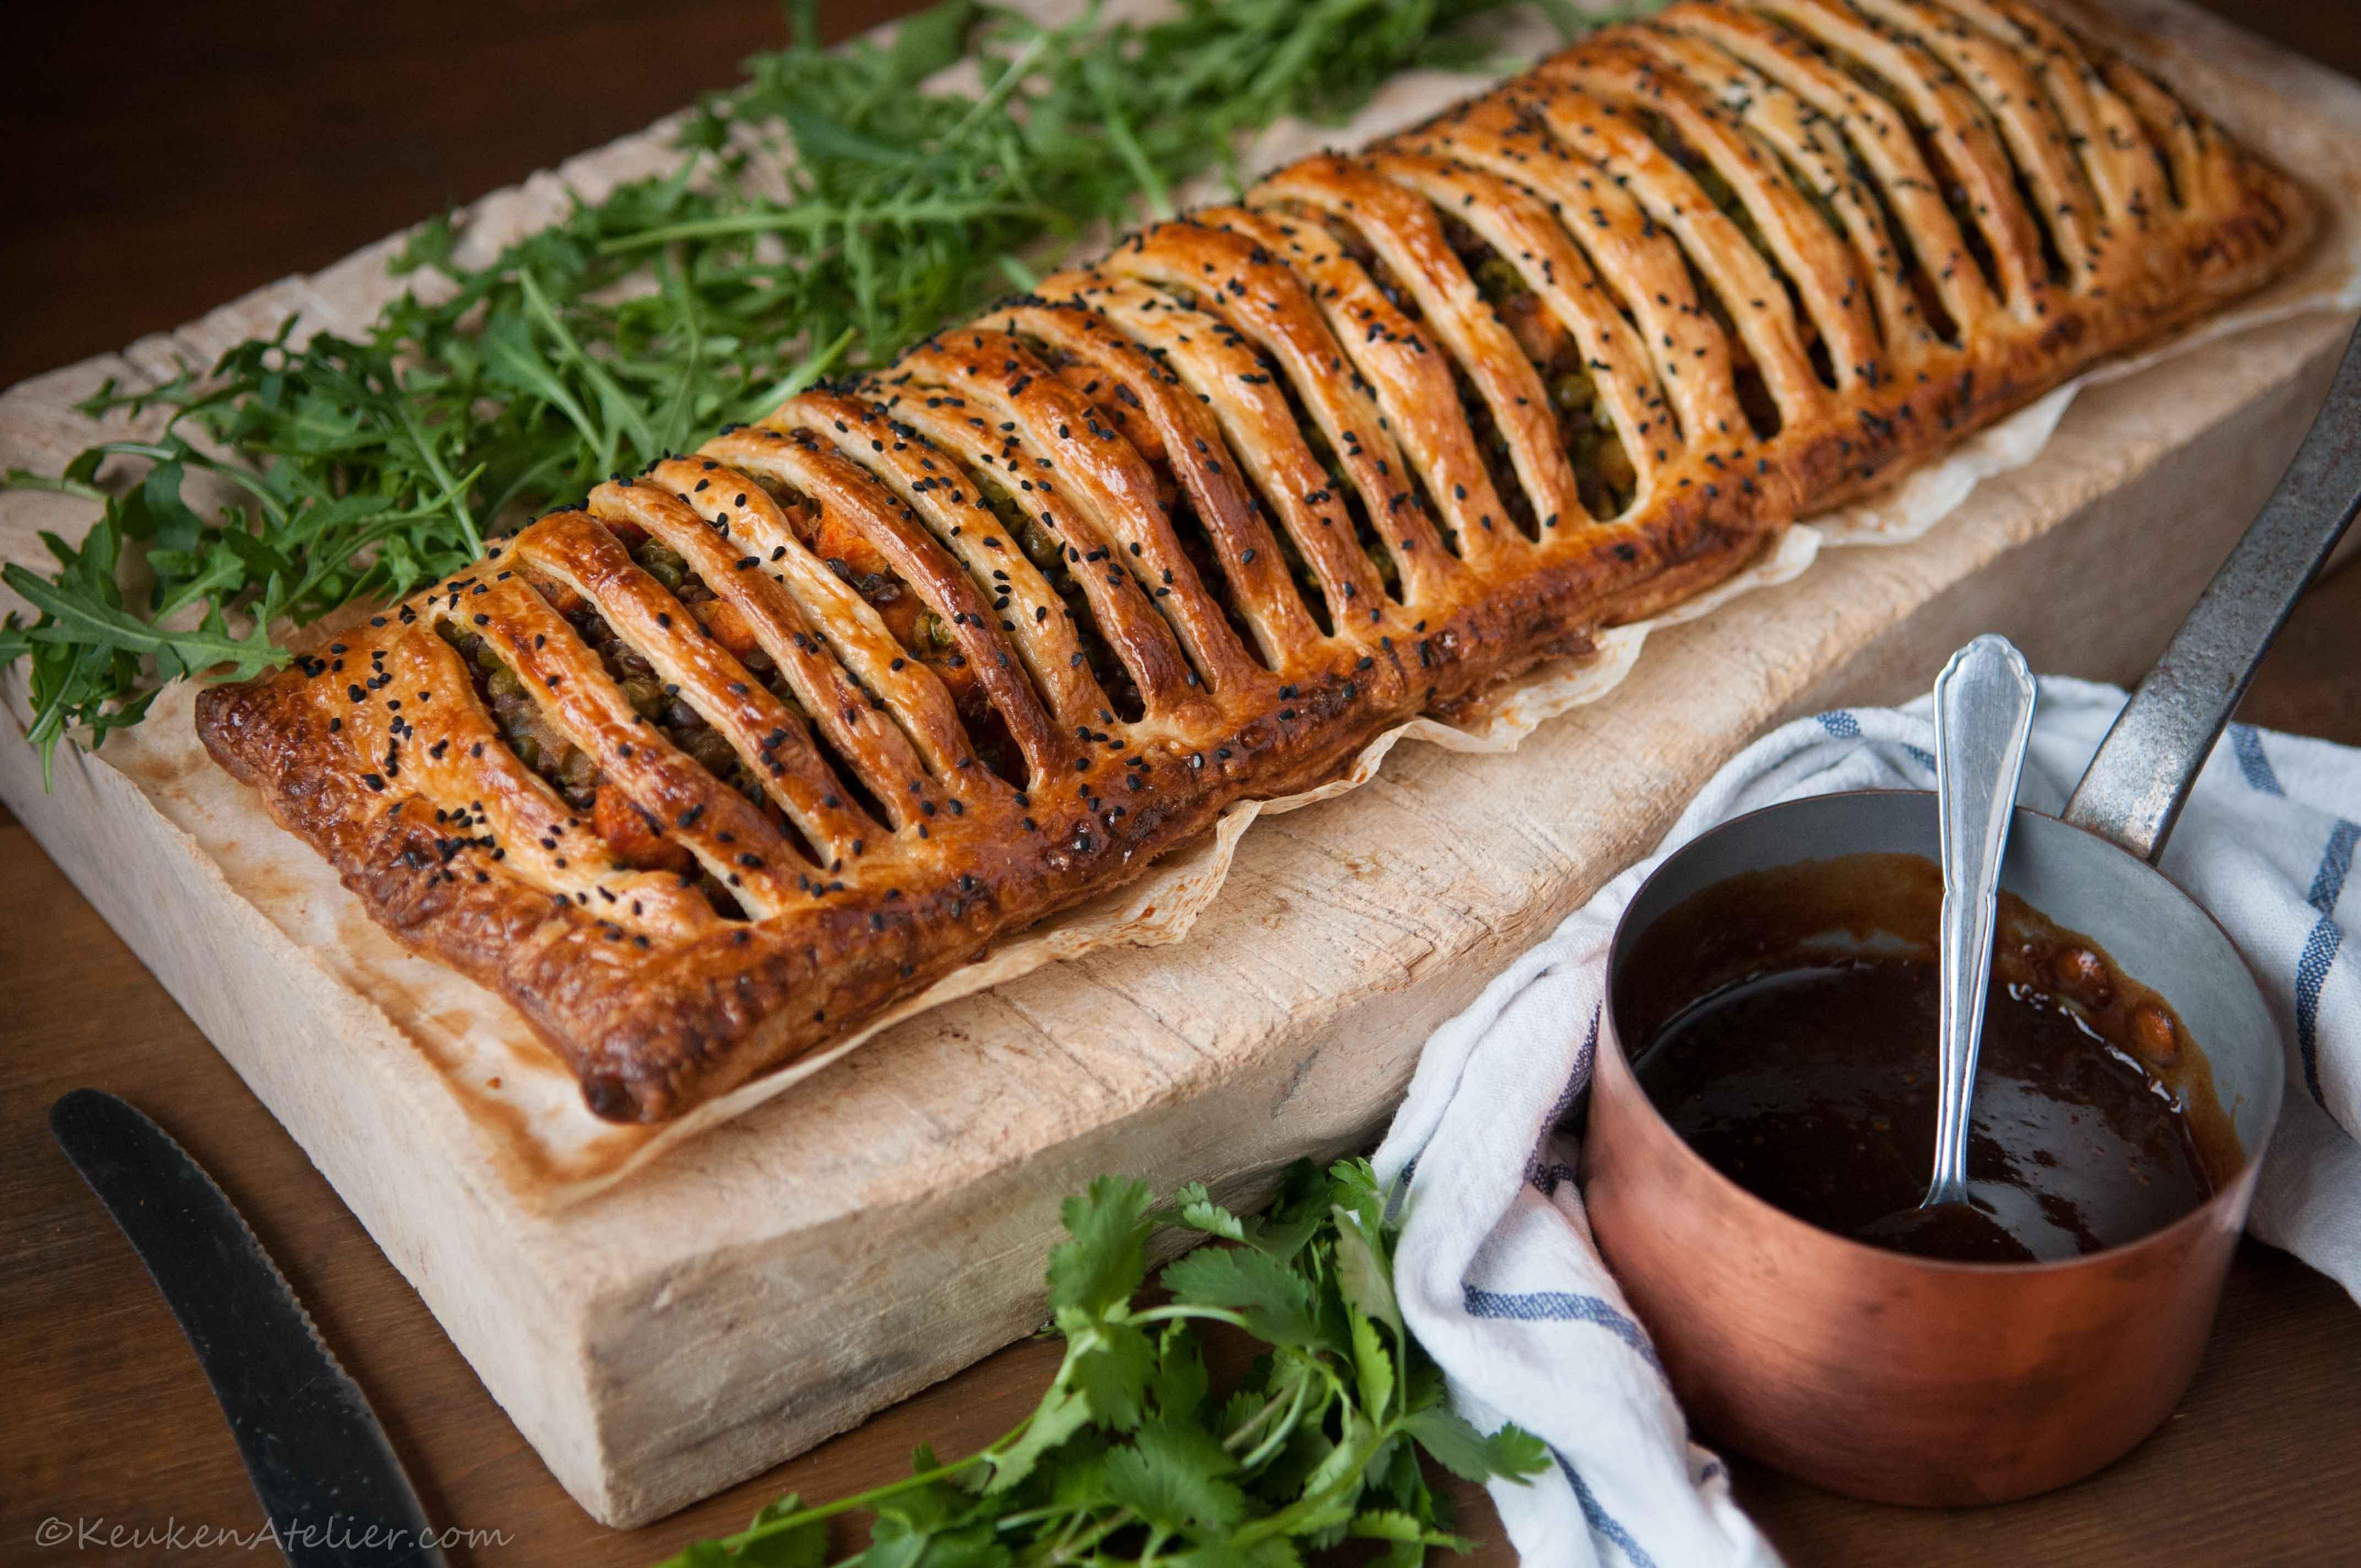 Vegetarische curry strudel met zoete aardappel en linzen 1 | KeukenAtelier.com